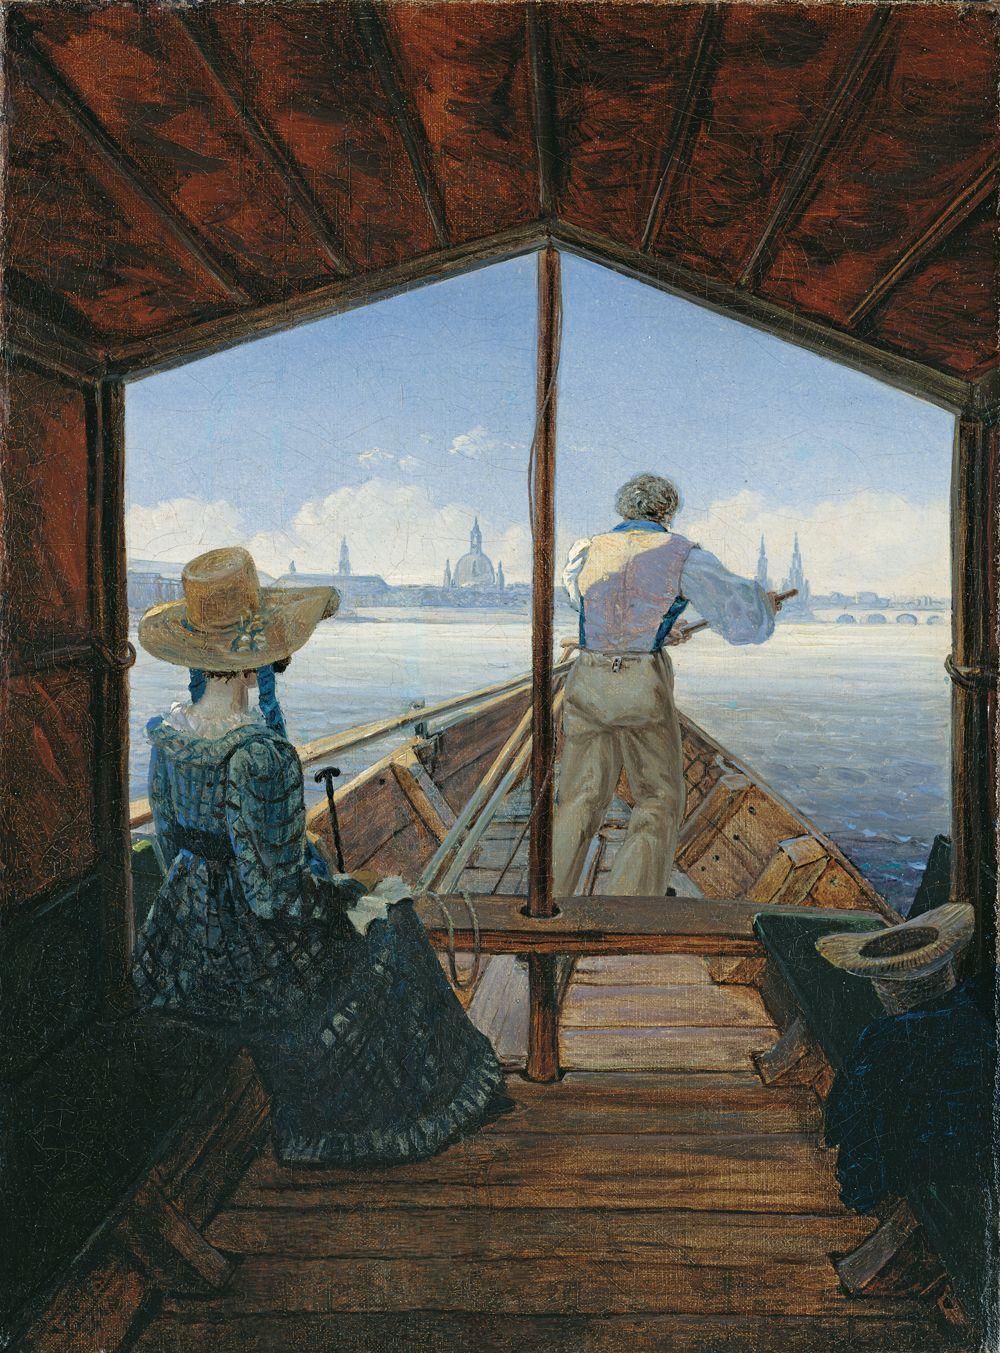 Abb. 5 Carl Gustav Carus (1789-1869), Die Kahnfahrt auf der Elbe bei Dresden (Ein Morgen auf der Elbe), 1827, Öl auf Leinwand, 29 x 22 cm, Inv.-Nr. M 130, © Kunstpalast – ARTOTHEK